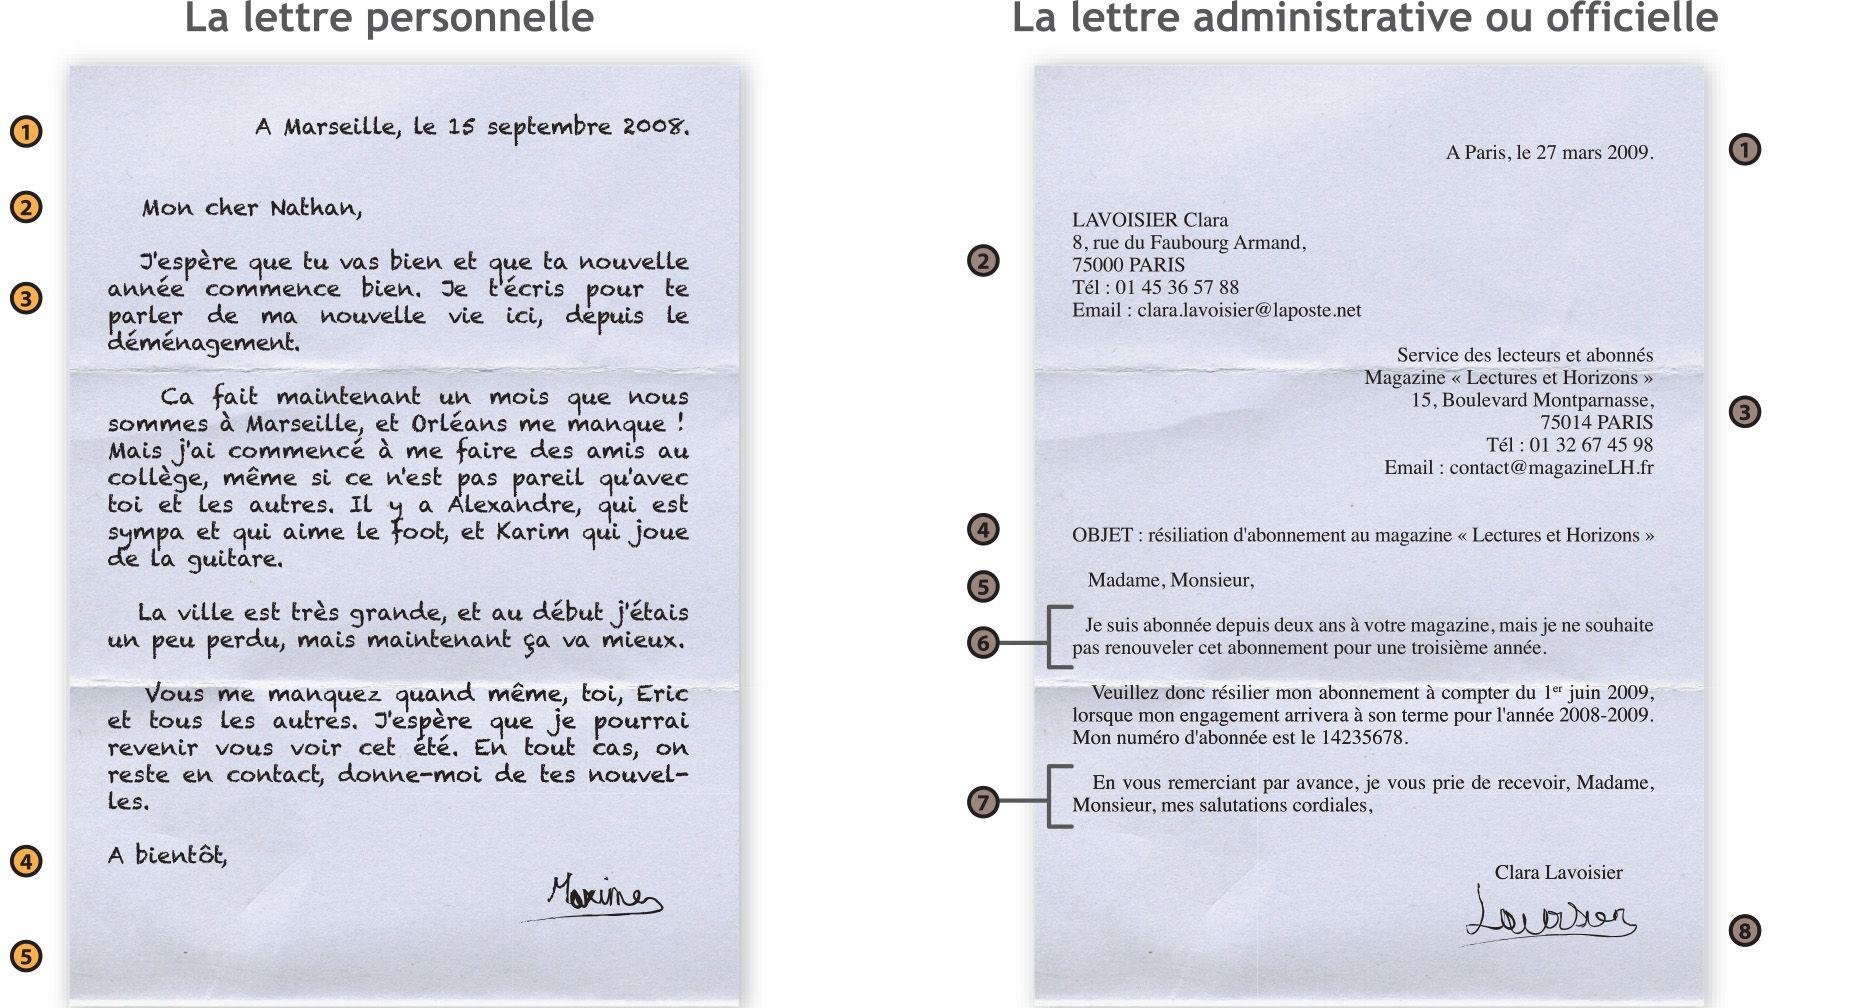 image ecrire une lettre administrative en francais lettre de presentation